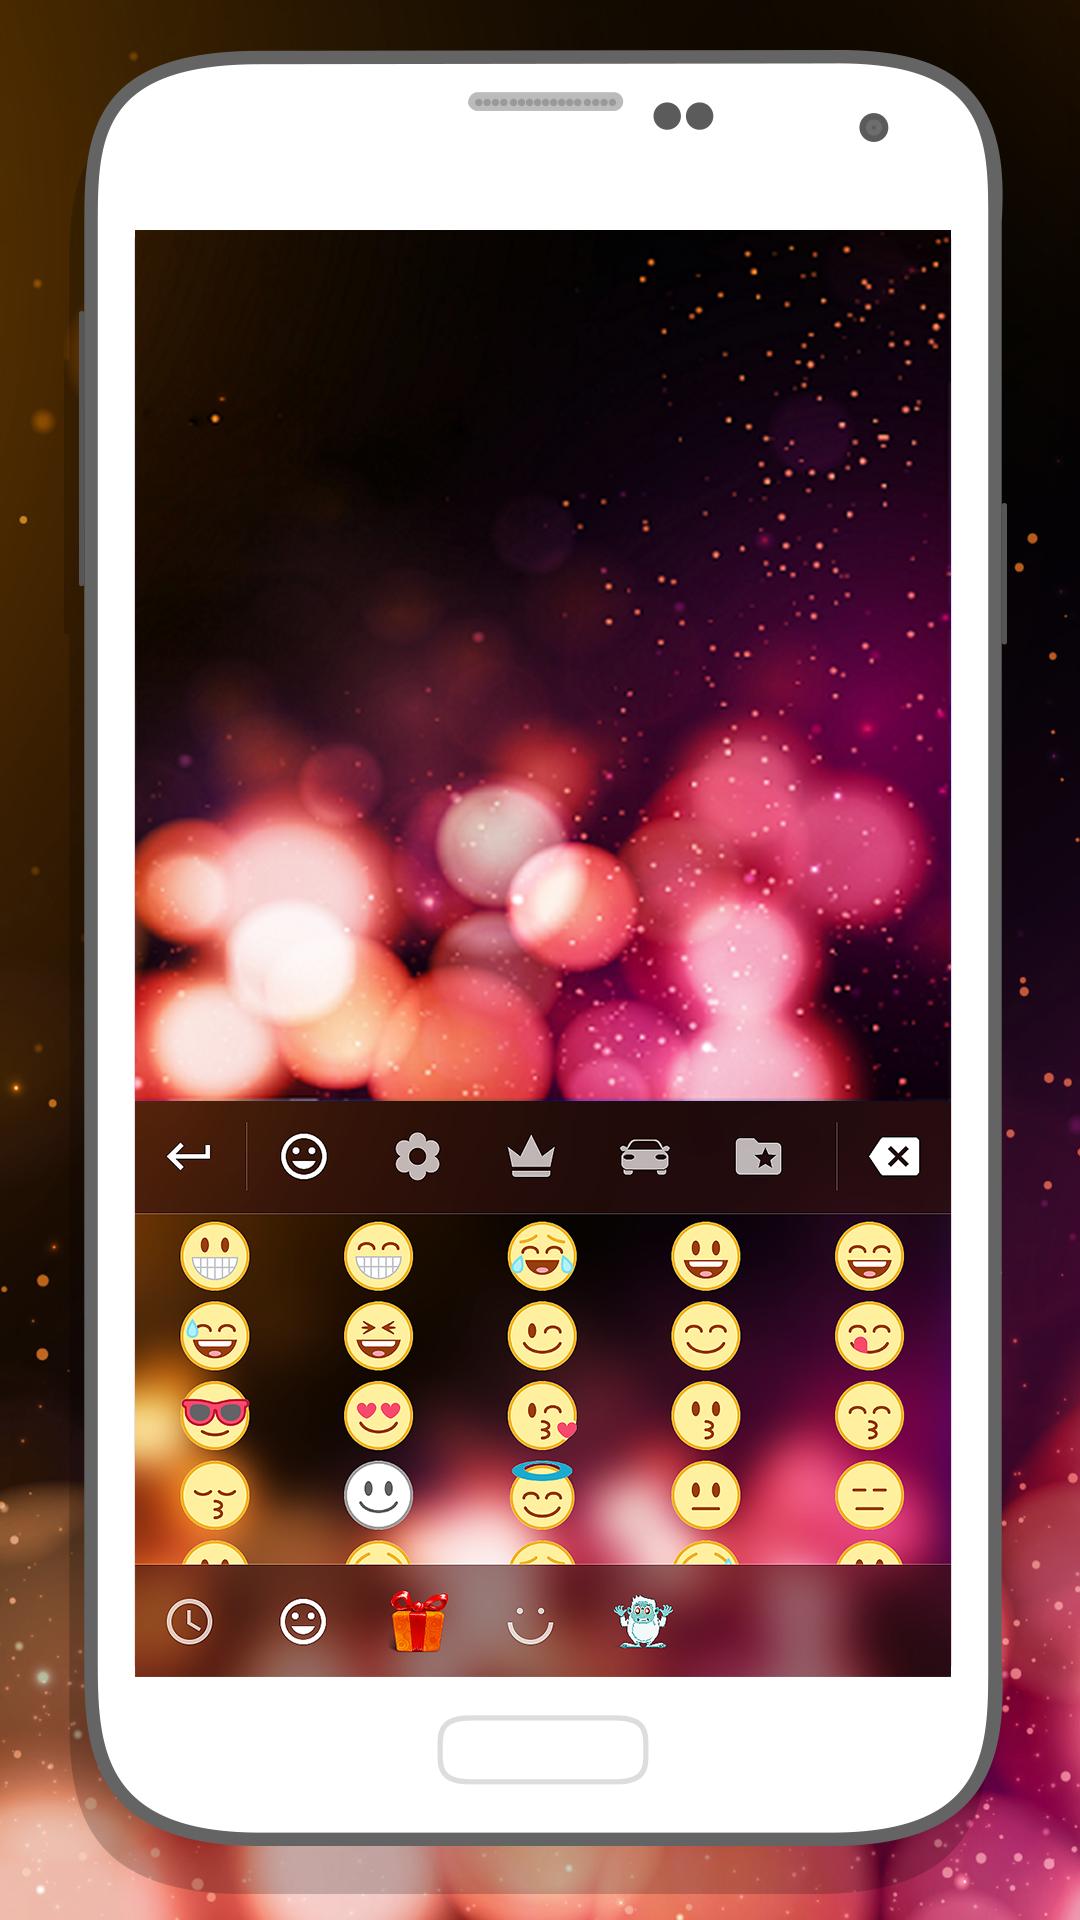 Keyboard Galaxy for Emoji